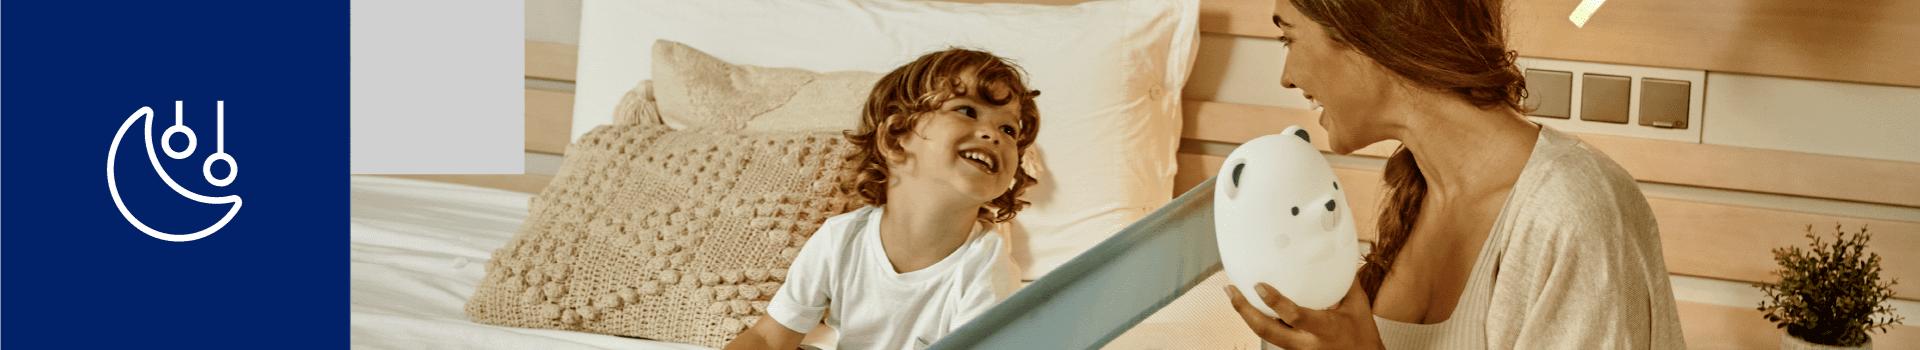 Productos de bebé para casa | Descanso y seguridad | Janéworld